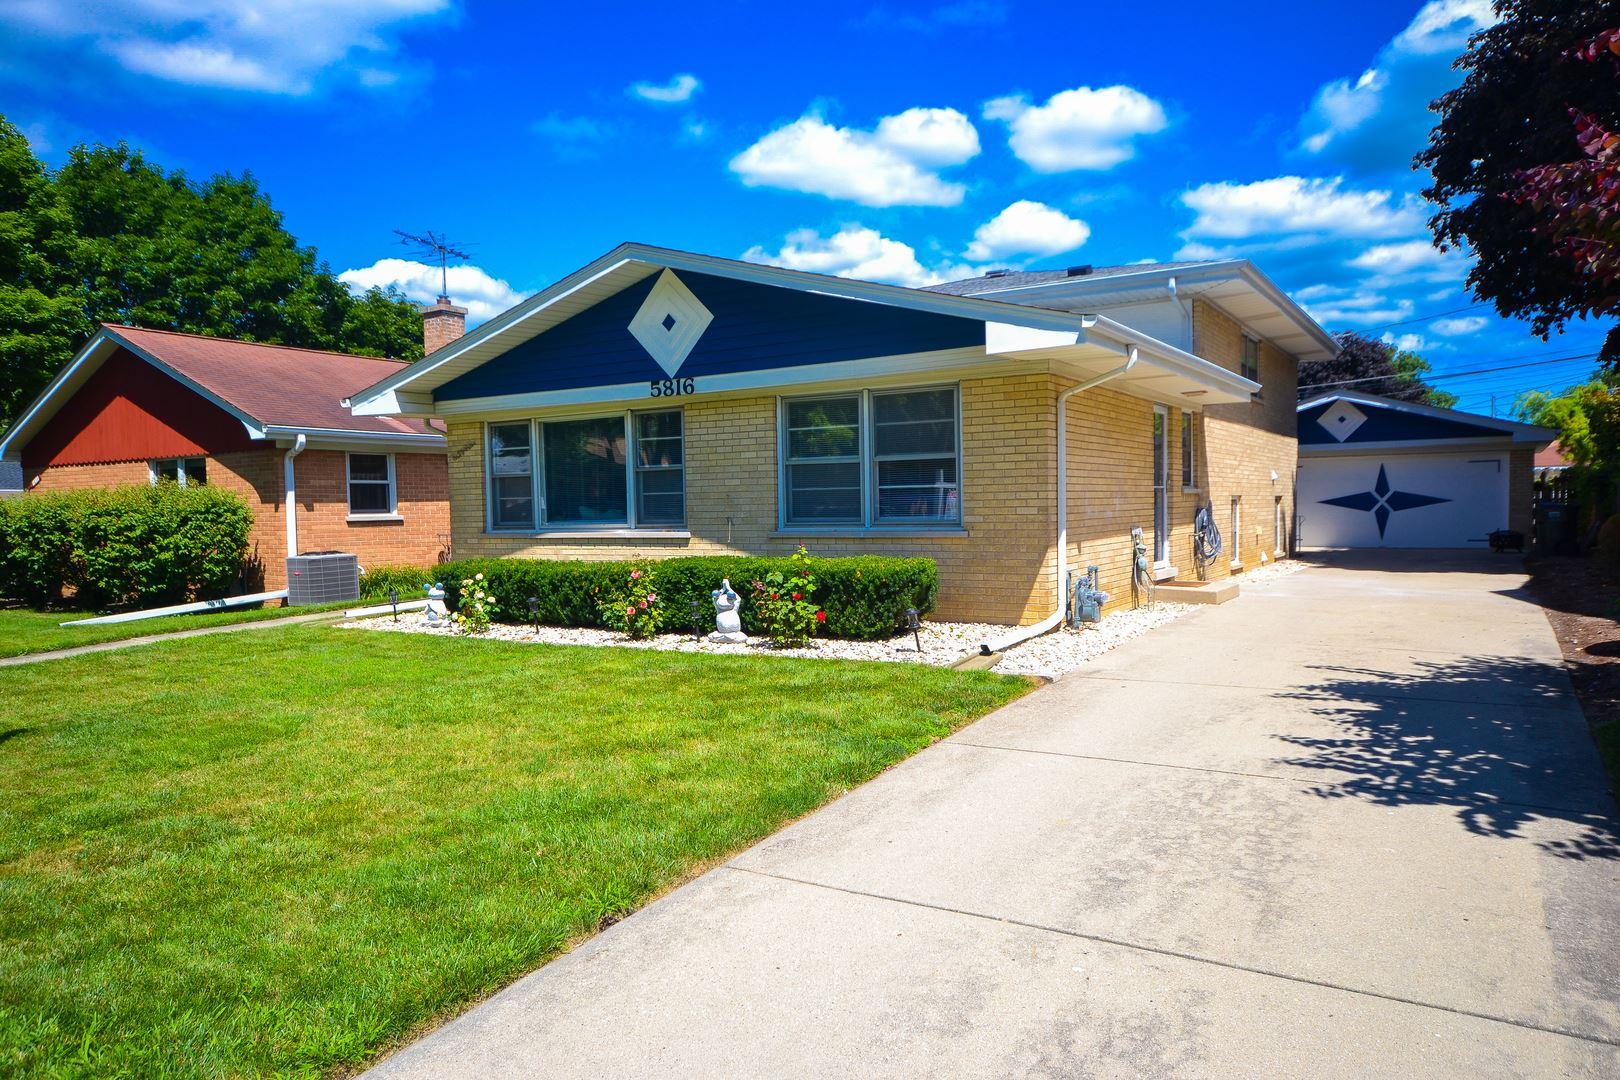 5816 Main Street, Morton Grove, IL 60053 - #: 10756165